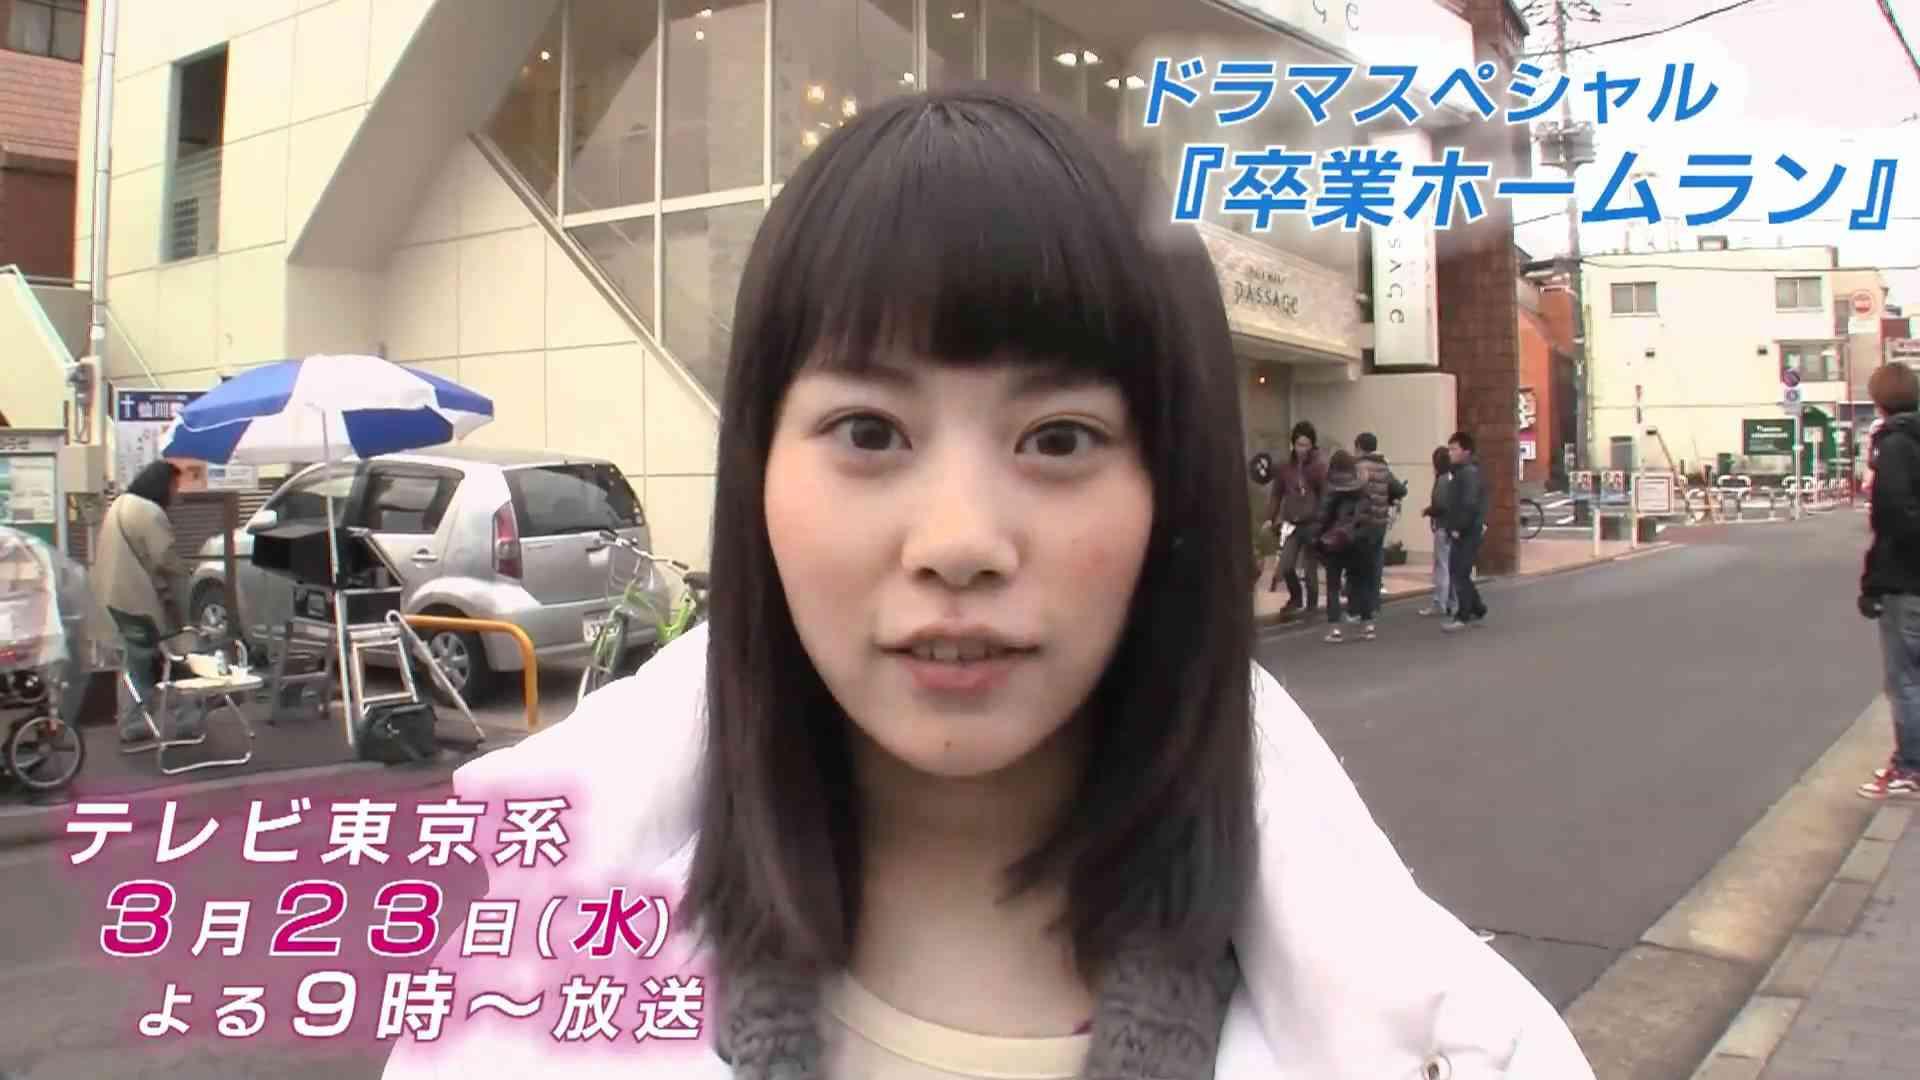 杉咲花、30cmカット&オン眉の新ヘアスタイルに「誰かわからなかった!」の声